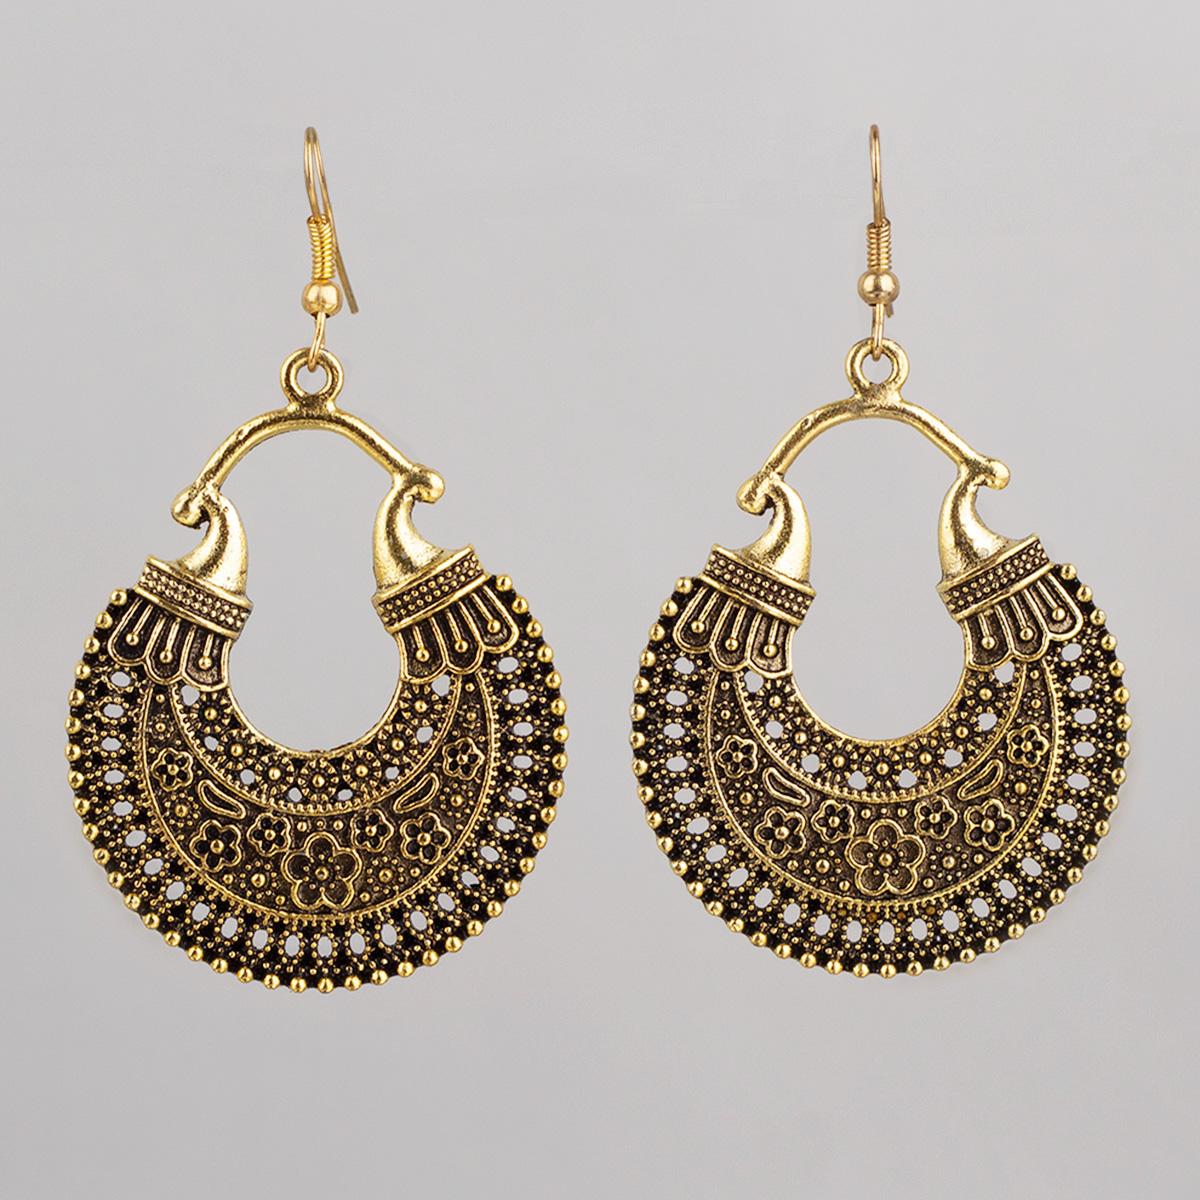 Tsarina Earrings